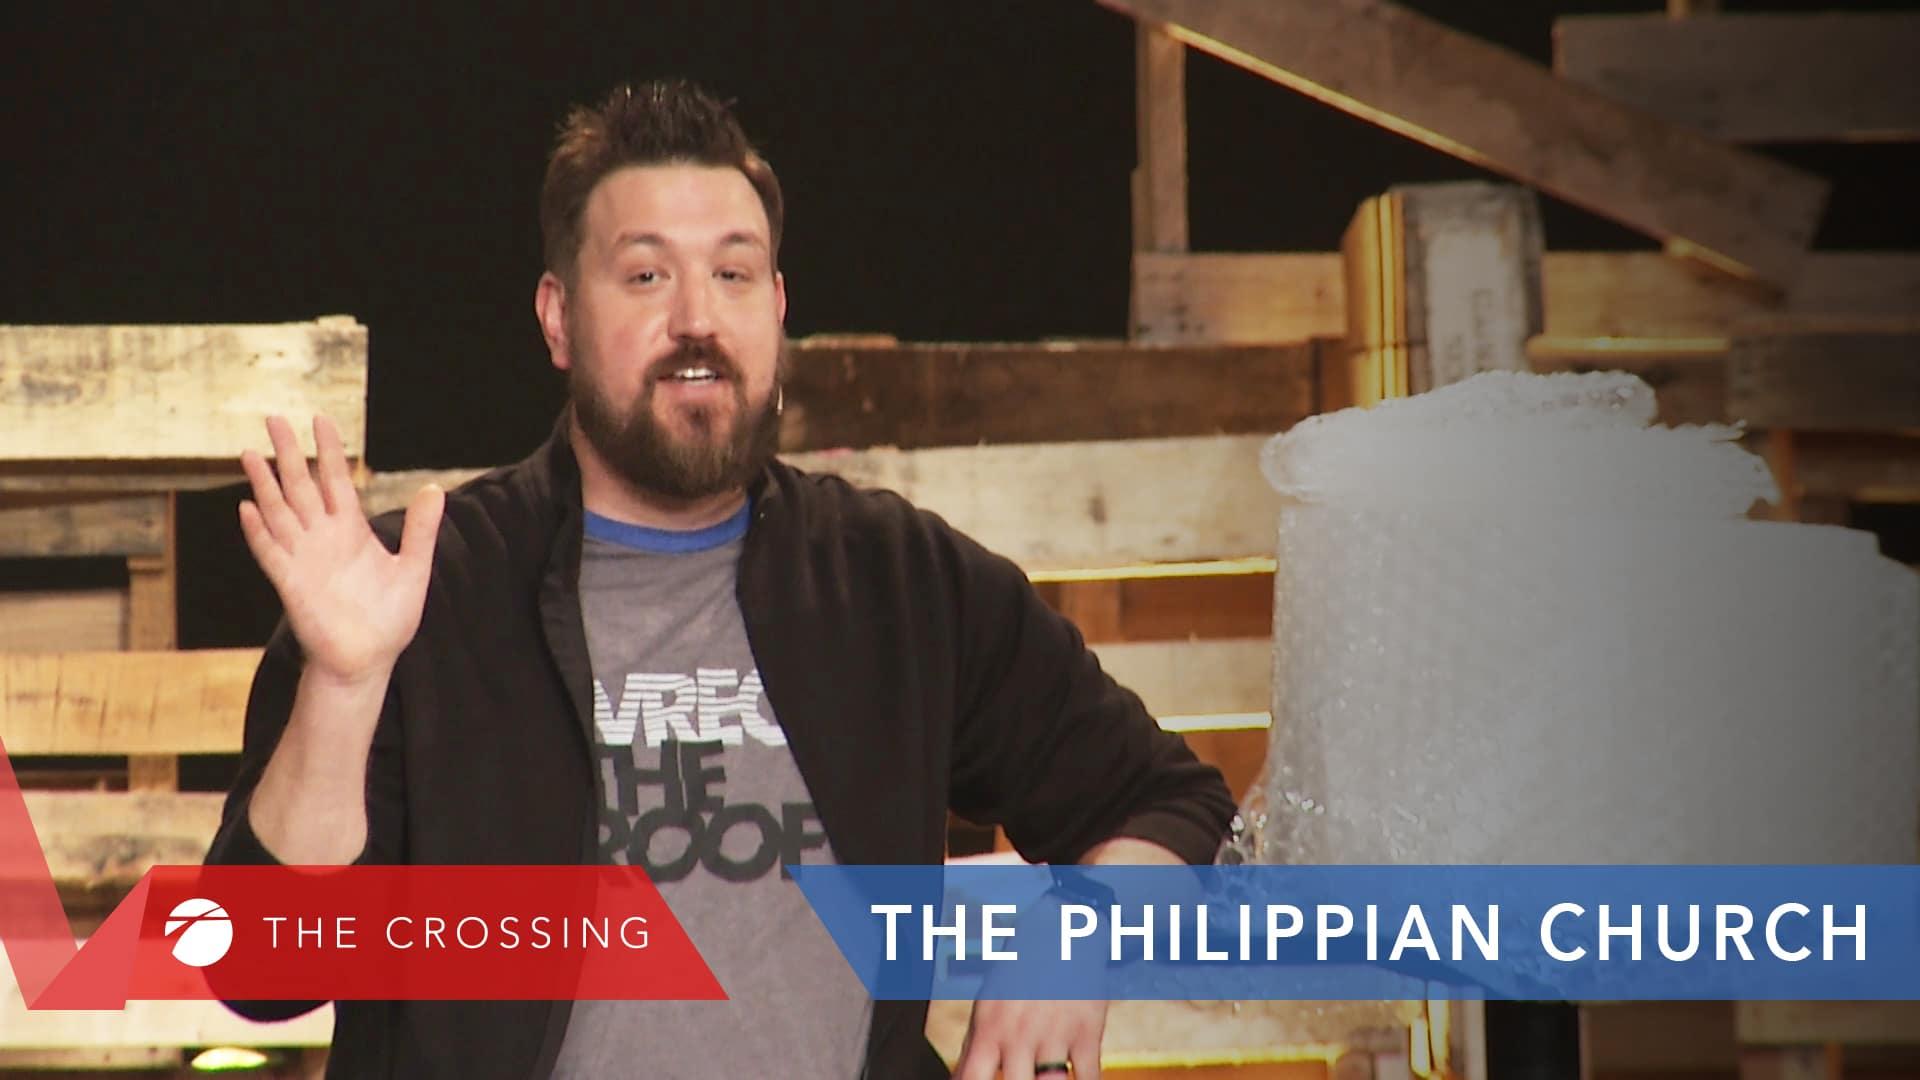 The Philippian Church